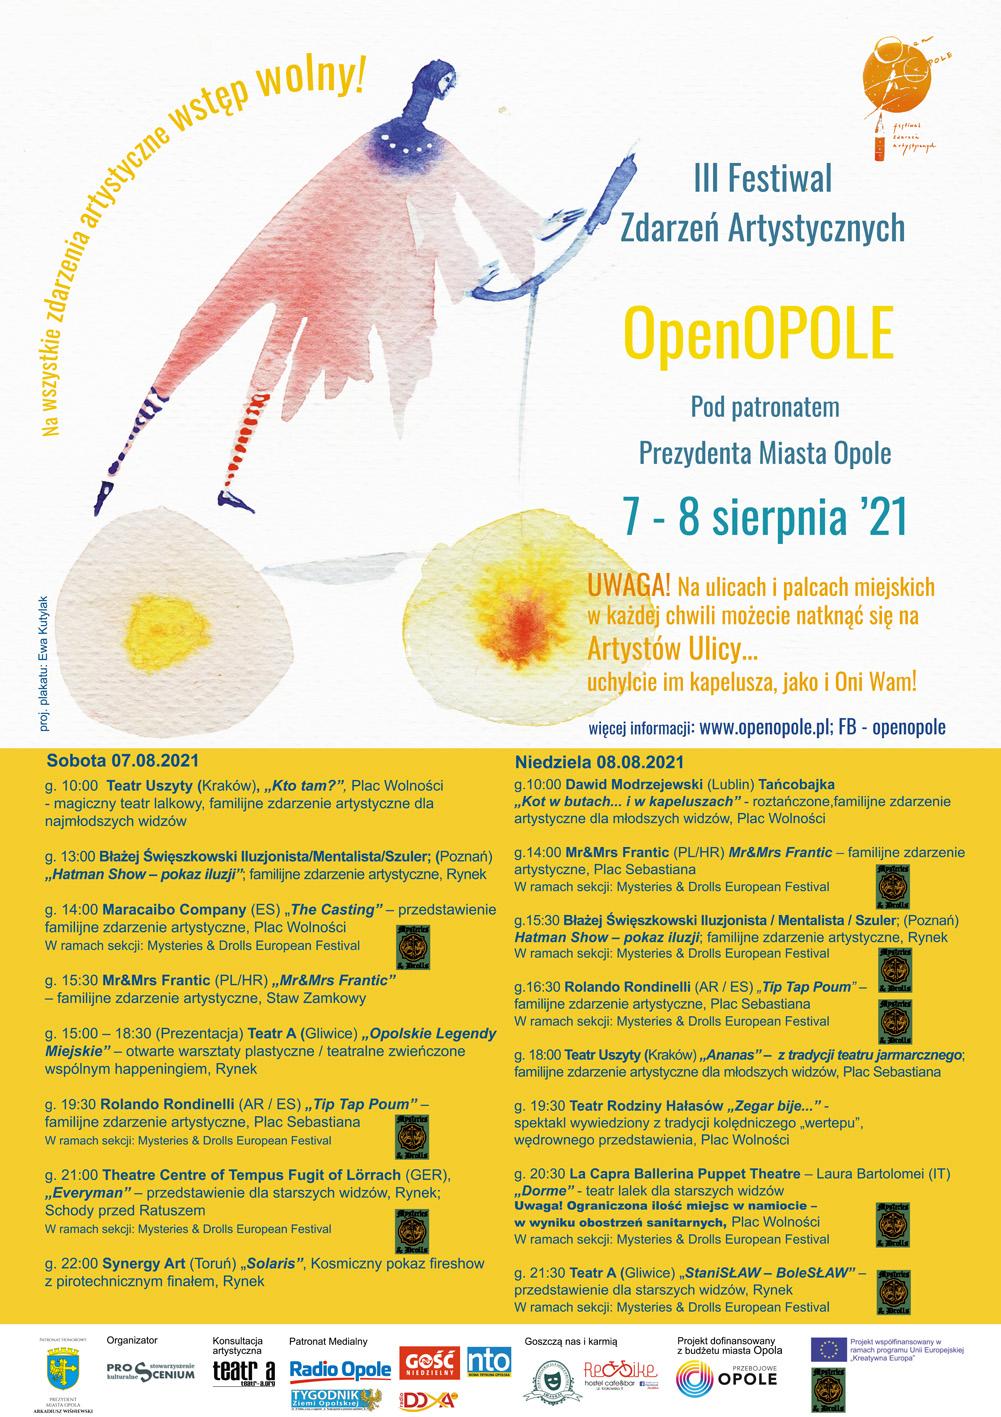 Centrum Opola znów zapełni się artystami – przed nami III Festiwal Zdarzeń Artystycznych OpenOpole! [materiały organizatora]